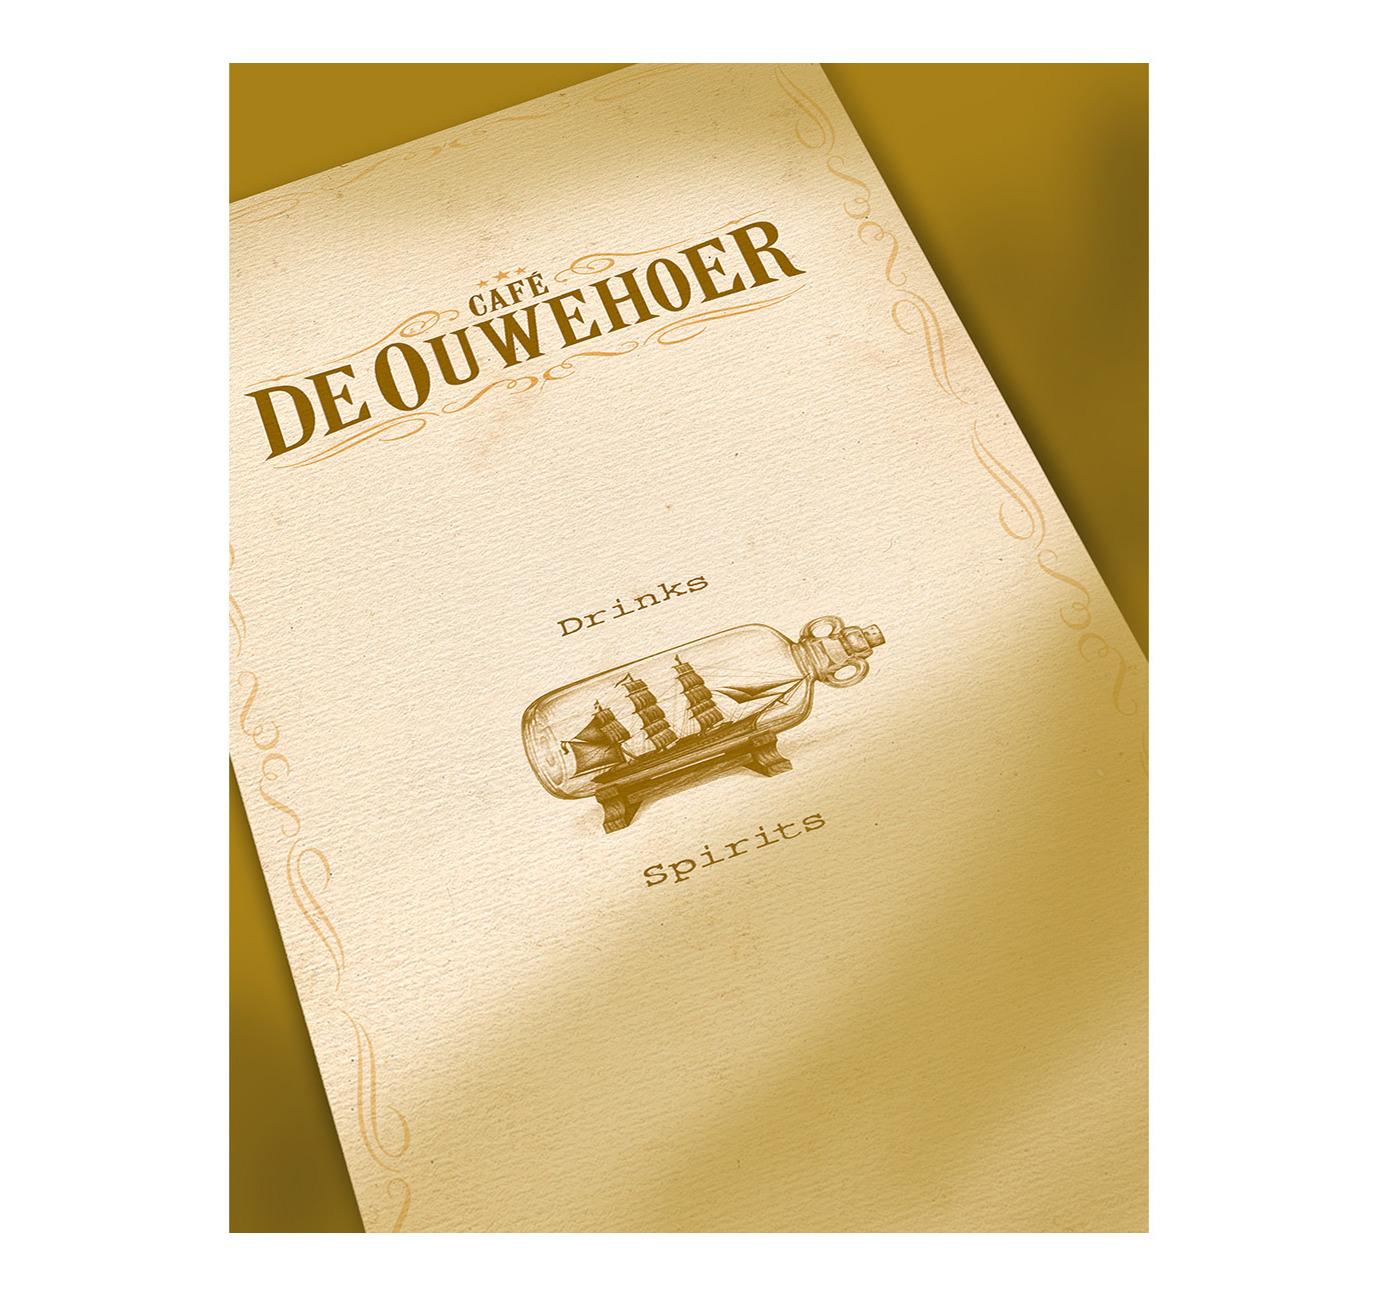 Drankkaart-De-Ouwehoer